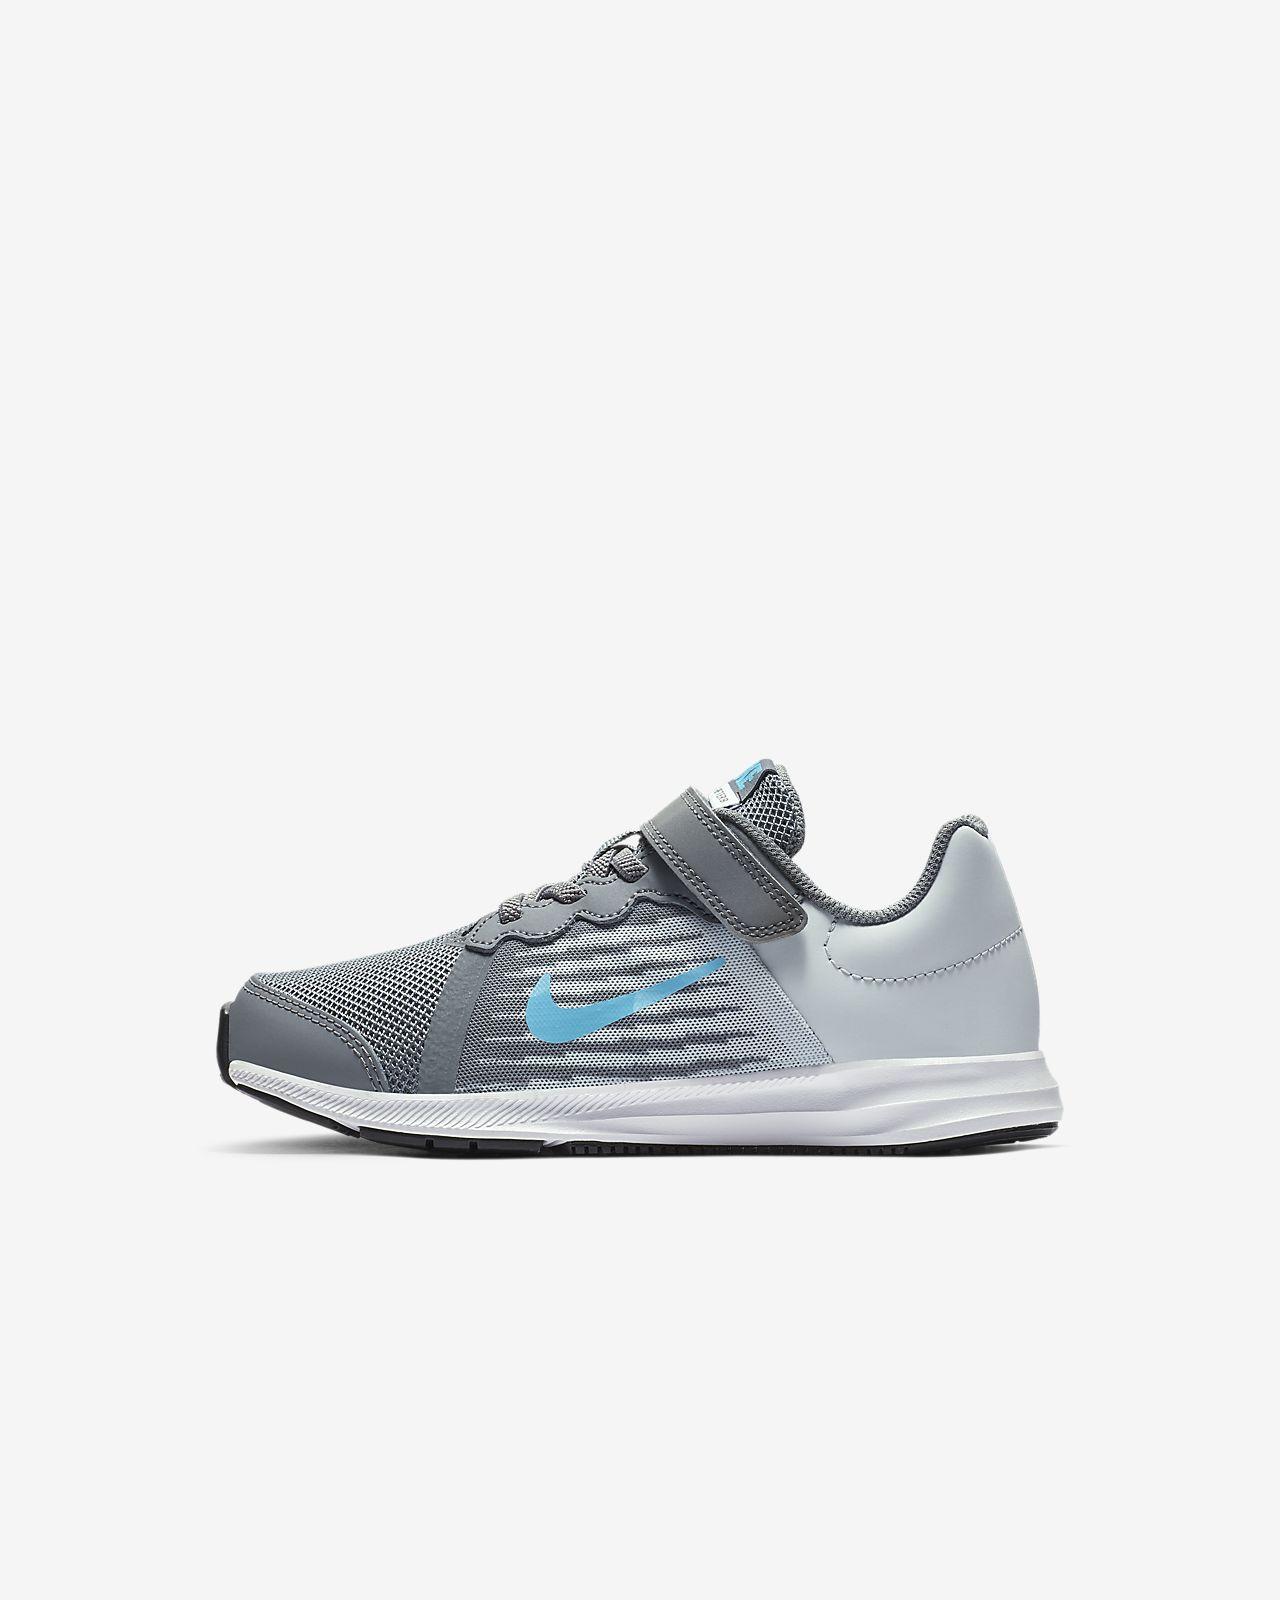 Sko Nike Downshifter 8 för barn